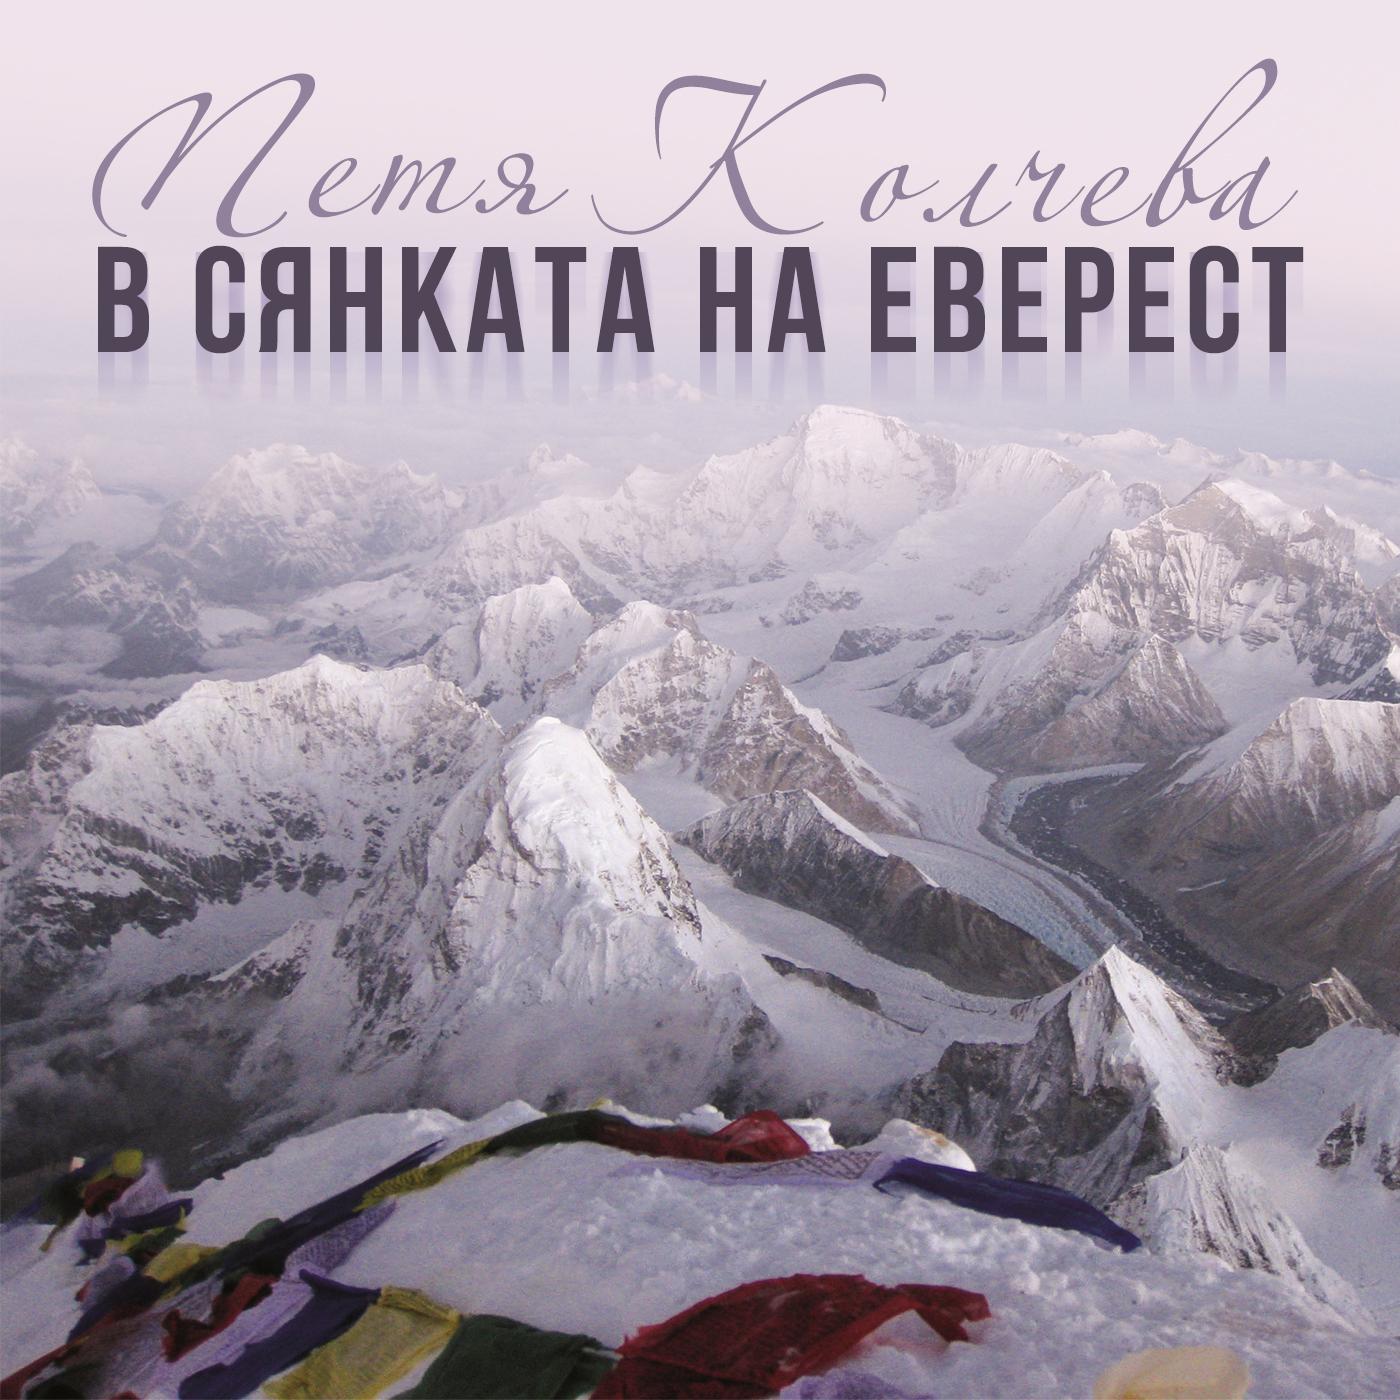 V_siankata_na_Everest_SIBEL